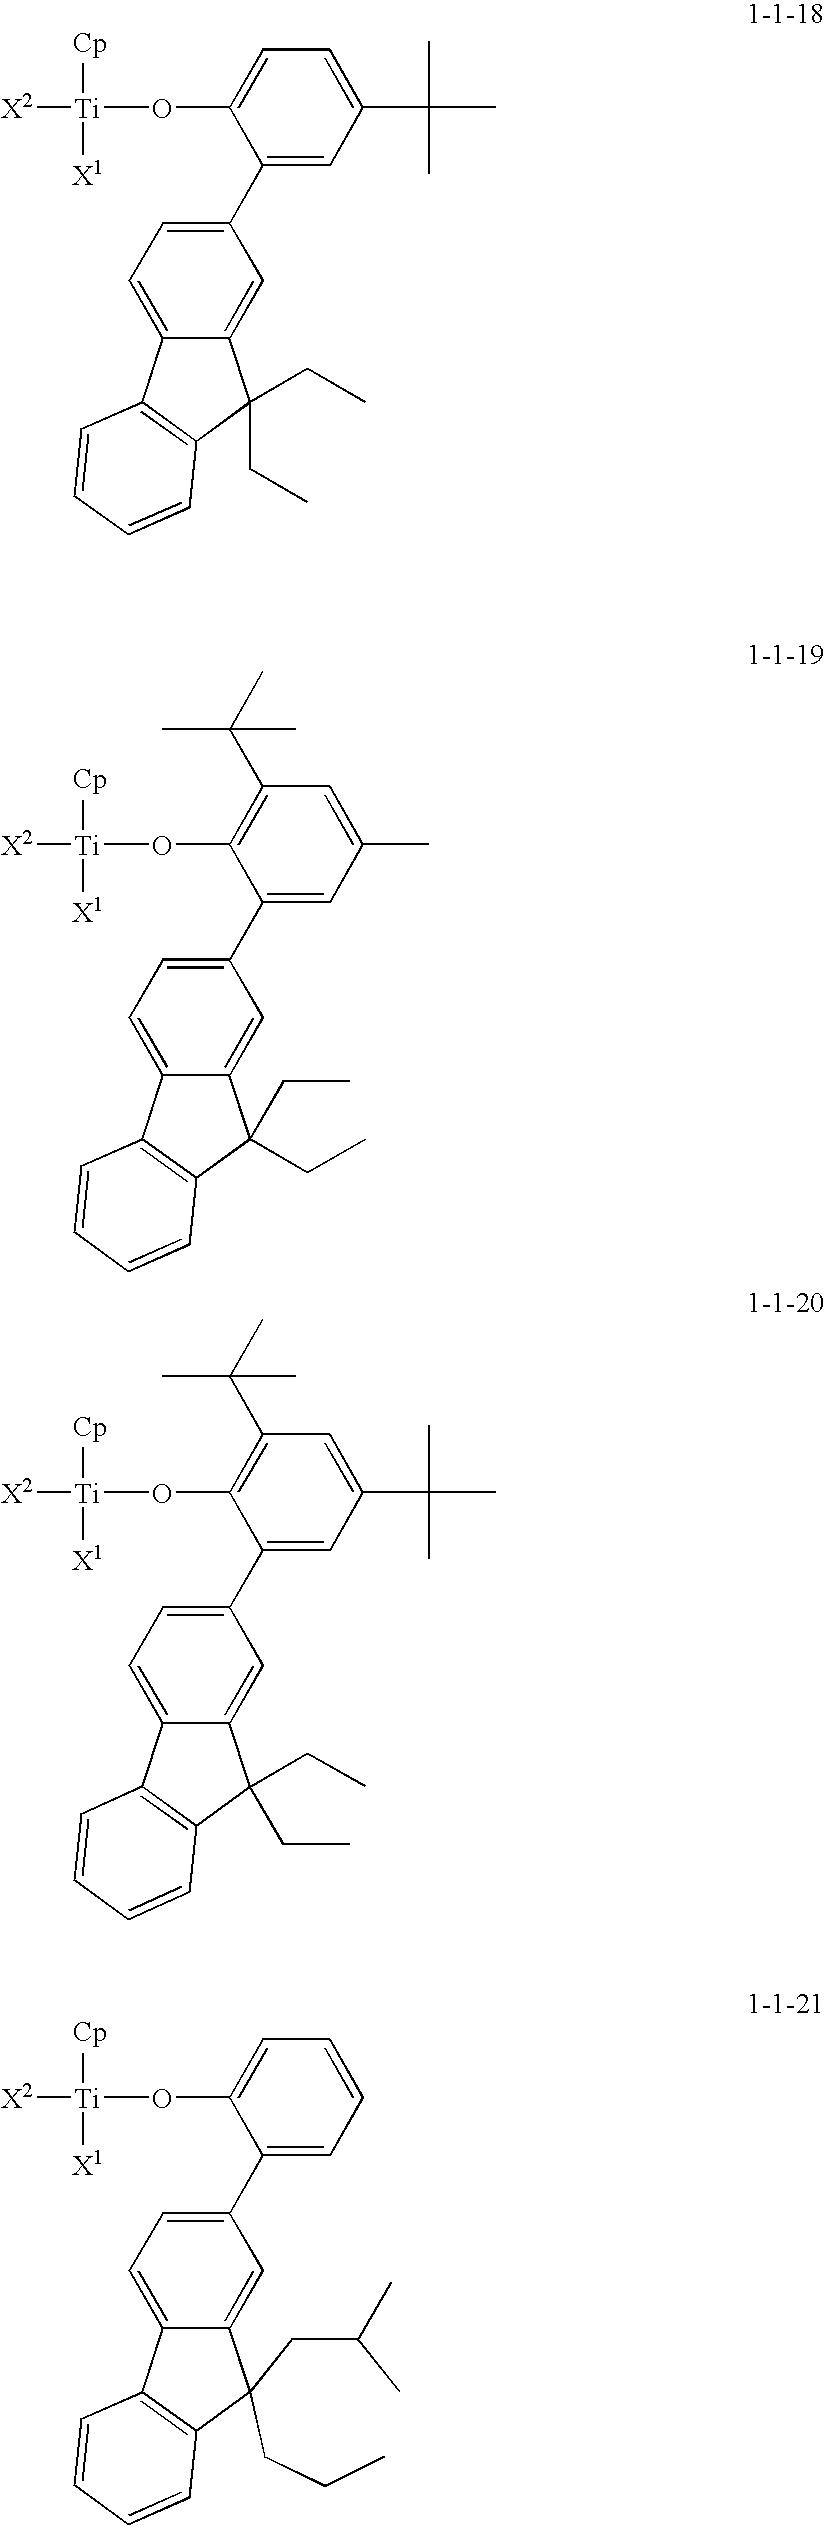 Figure US20100081776A1-20100401-C00008